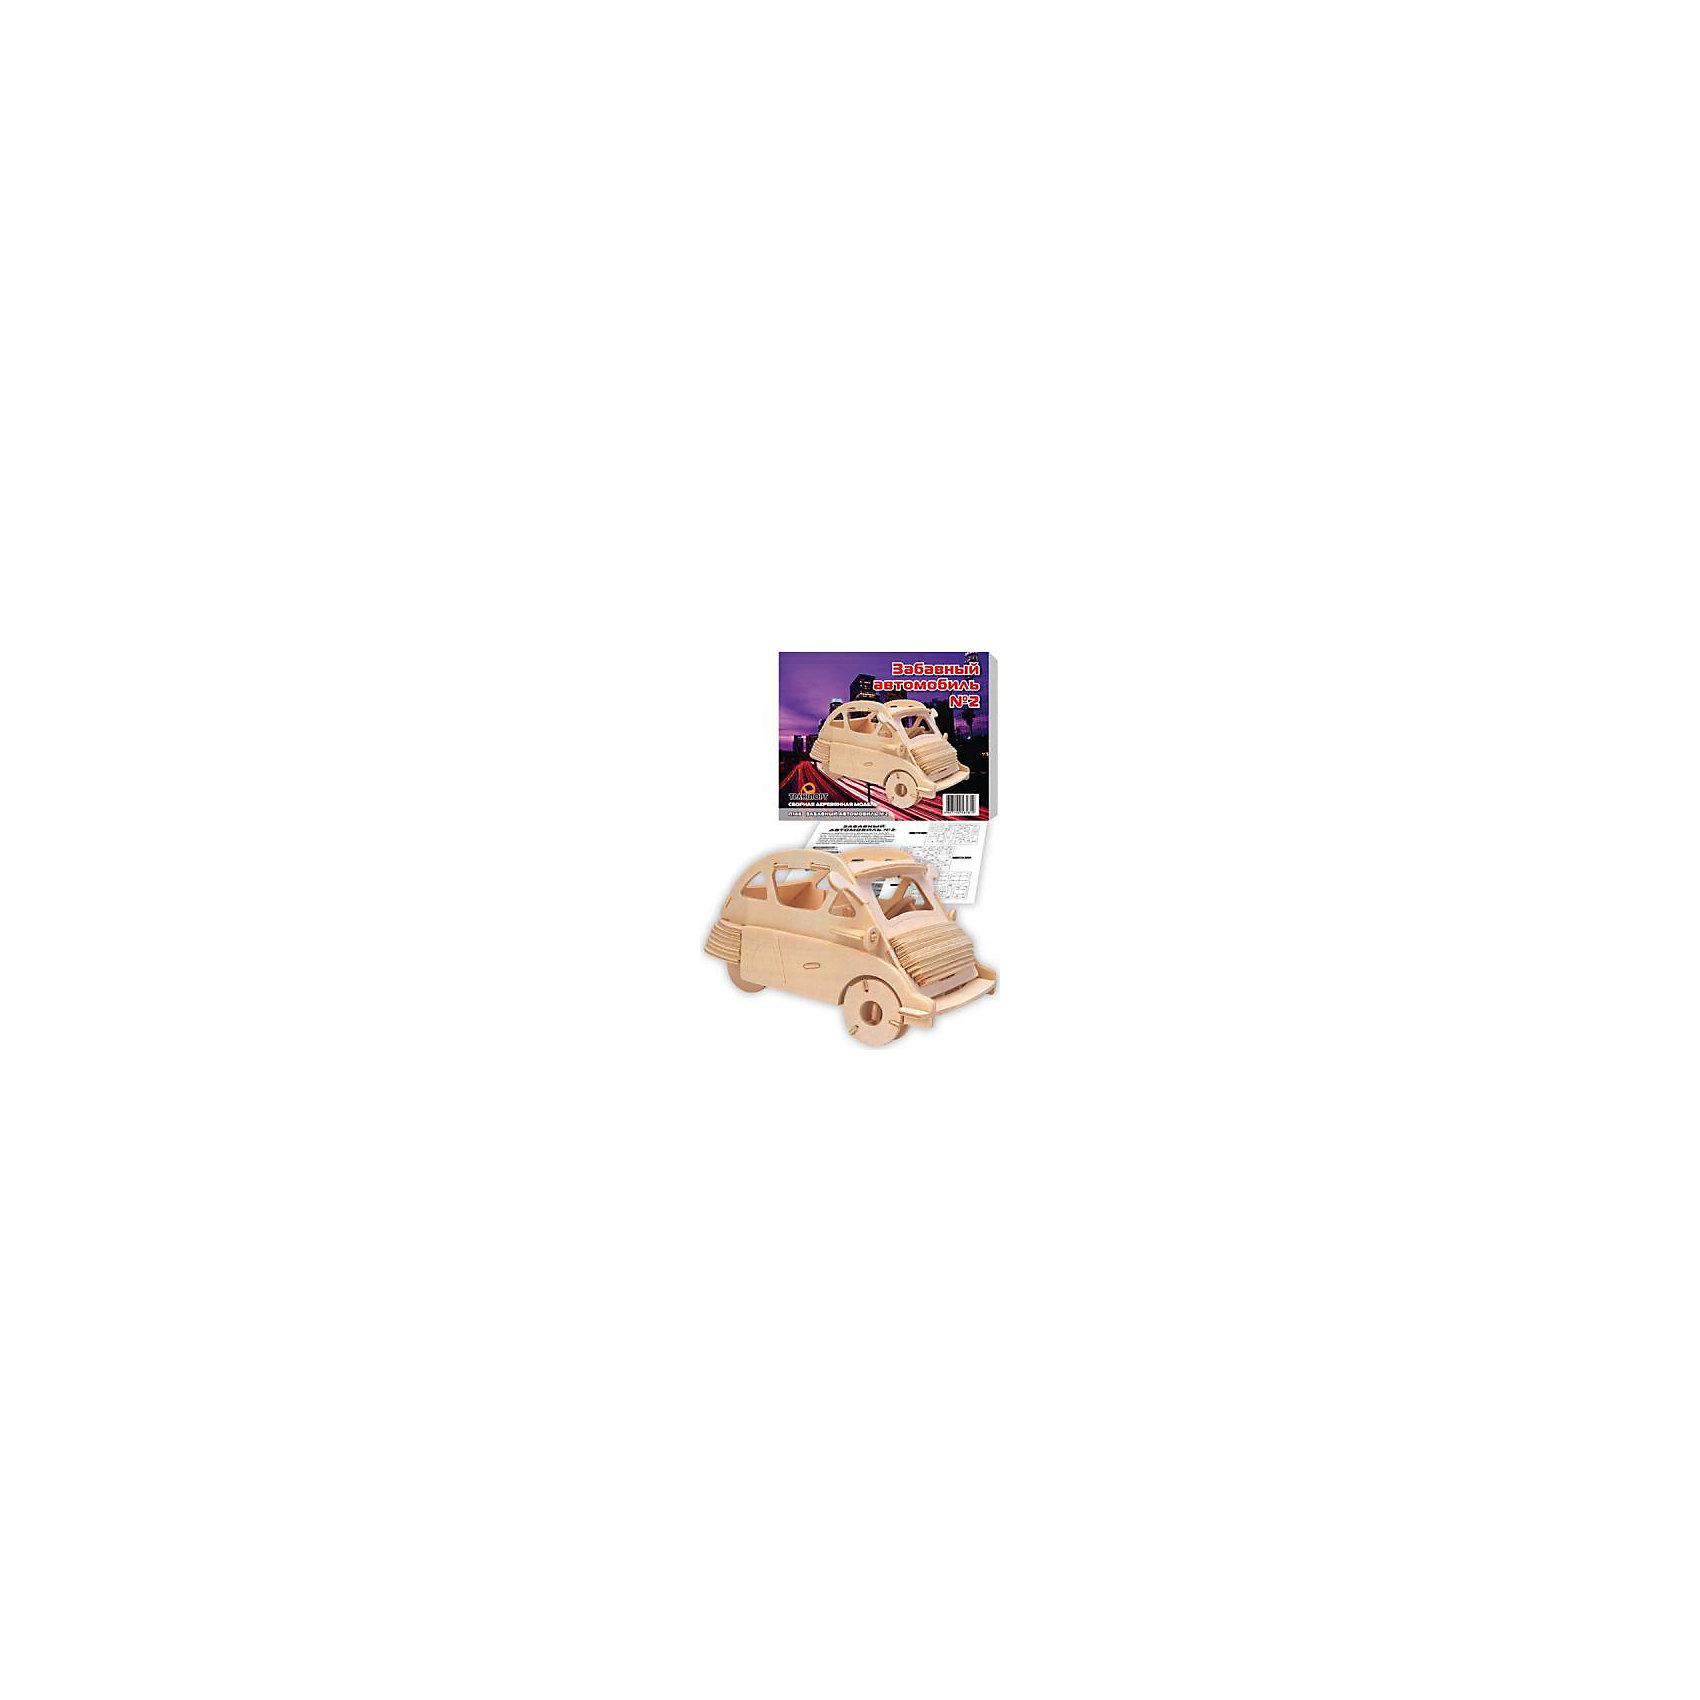 МДИ БМВ Изетта, Мир деревянных игрушек винтовая подвеска raceland в москве на бмв е46